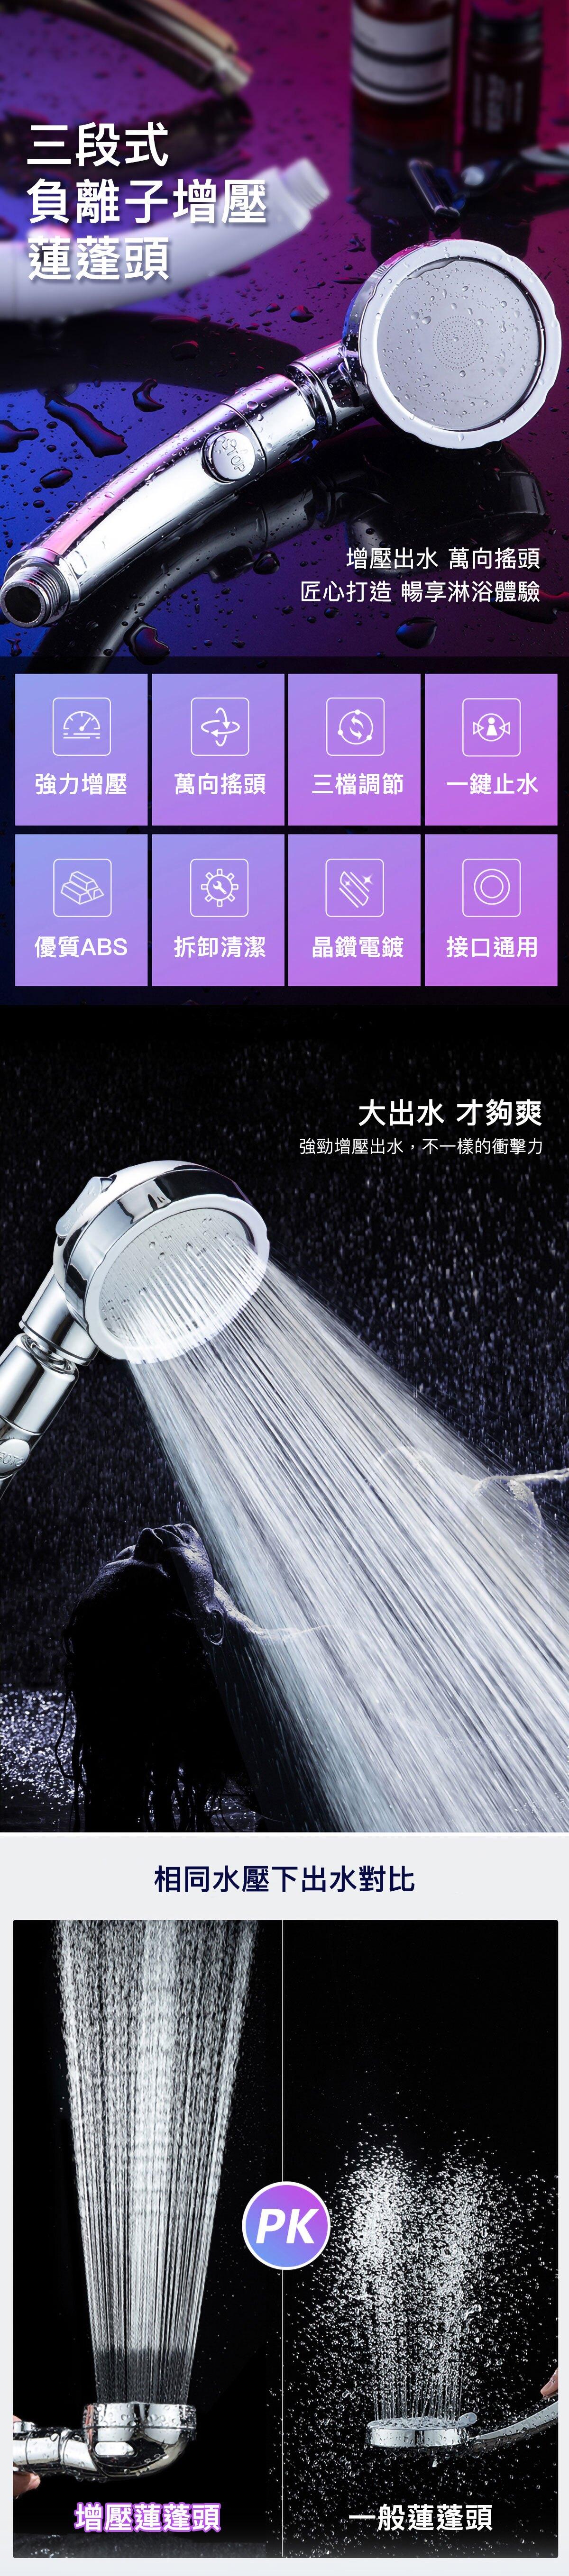 三段式負離子增壓蓮蓬頭 增壓出水 萬向搖頭 匠心打造 暢享淋浴體驗 強強滾